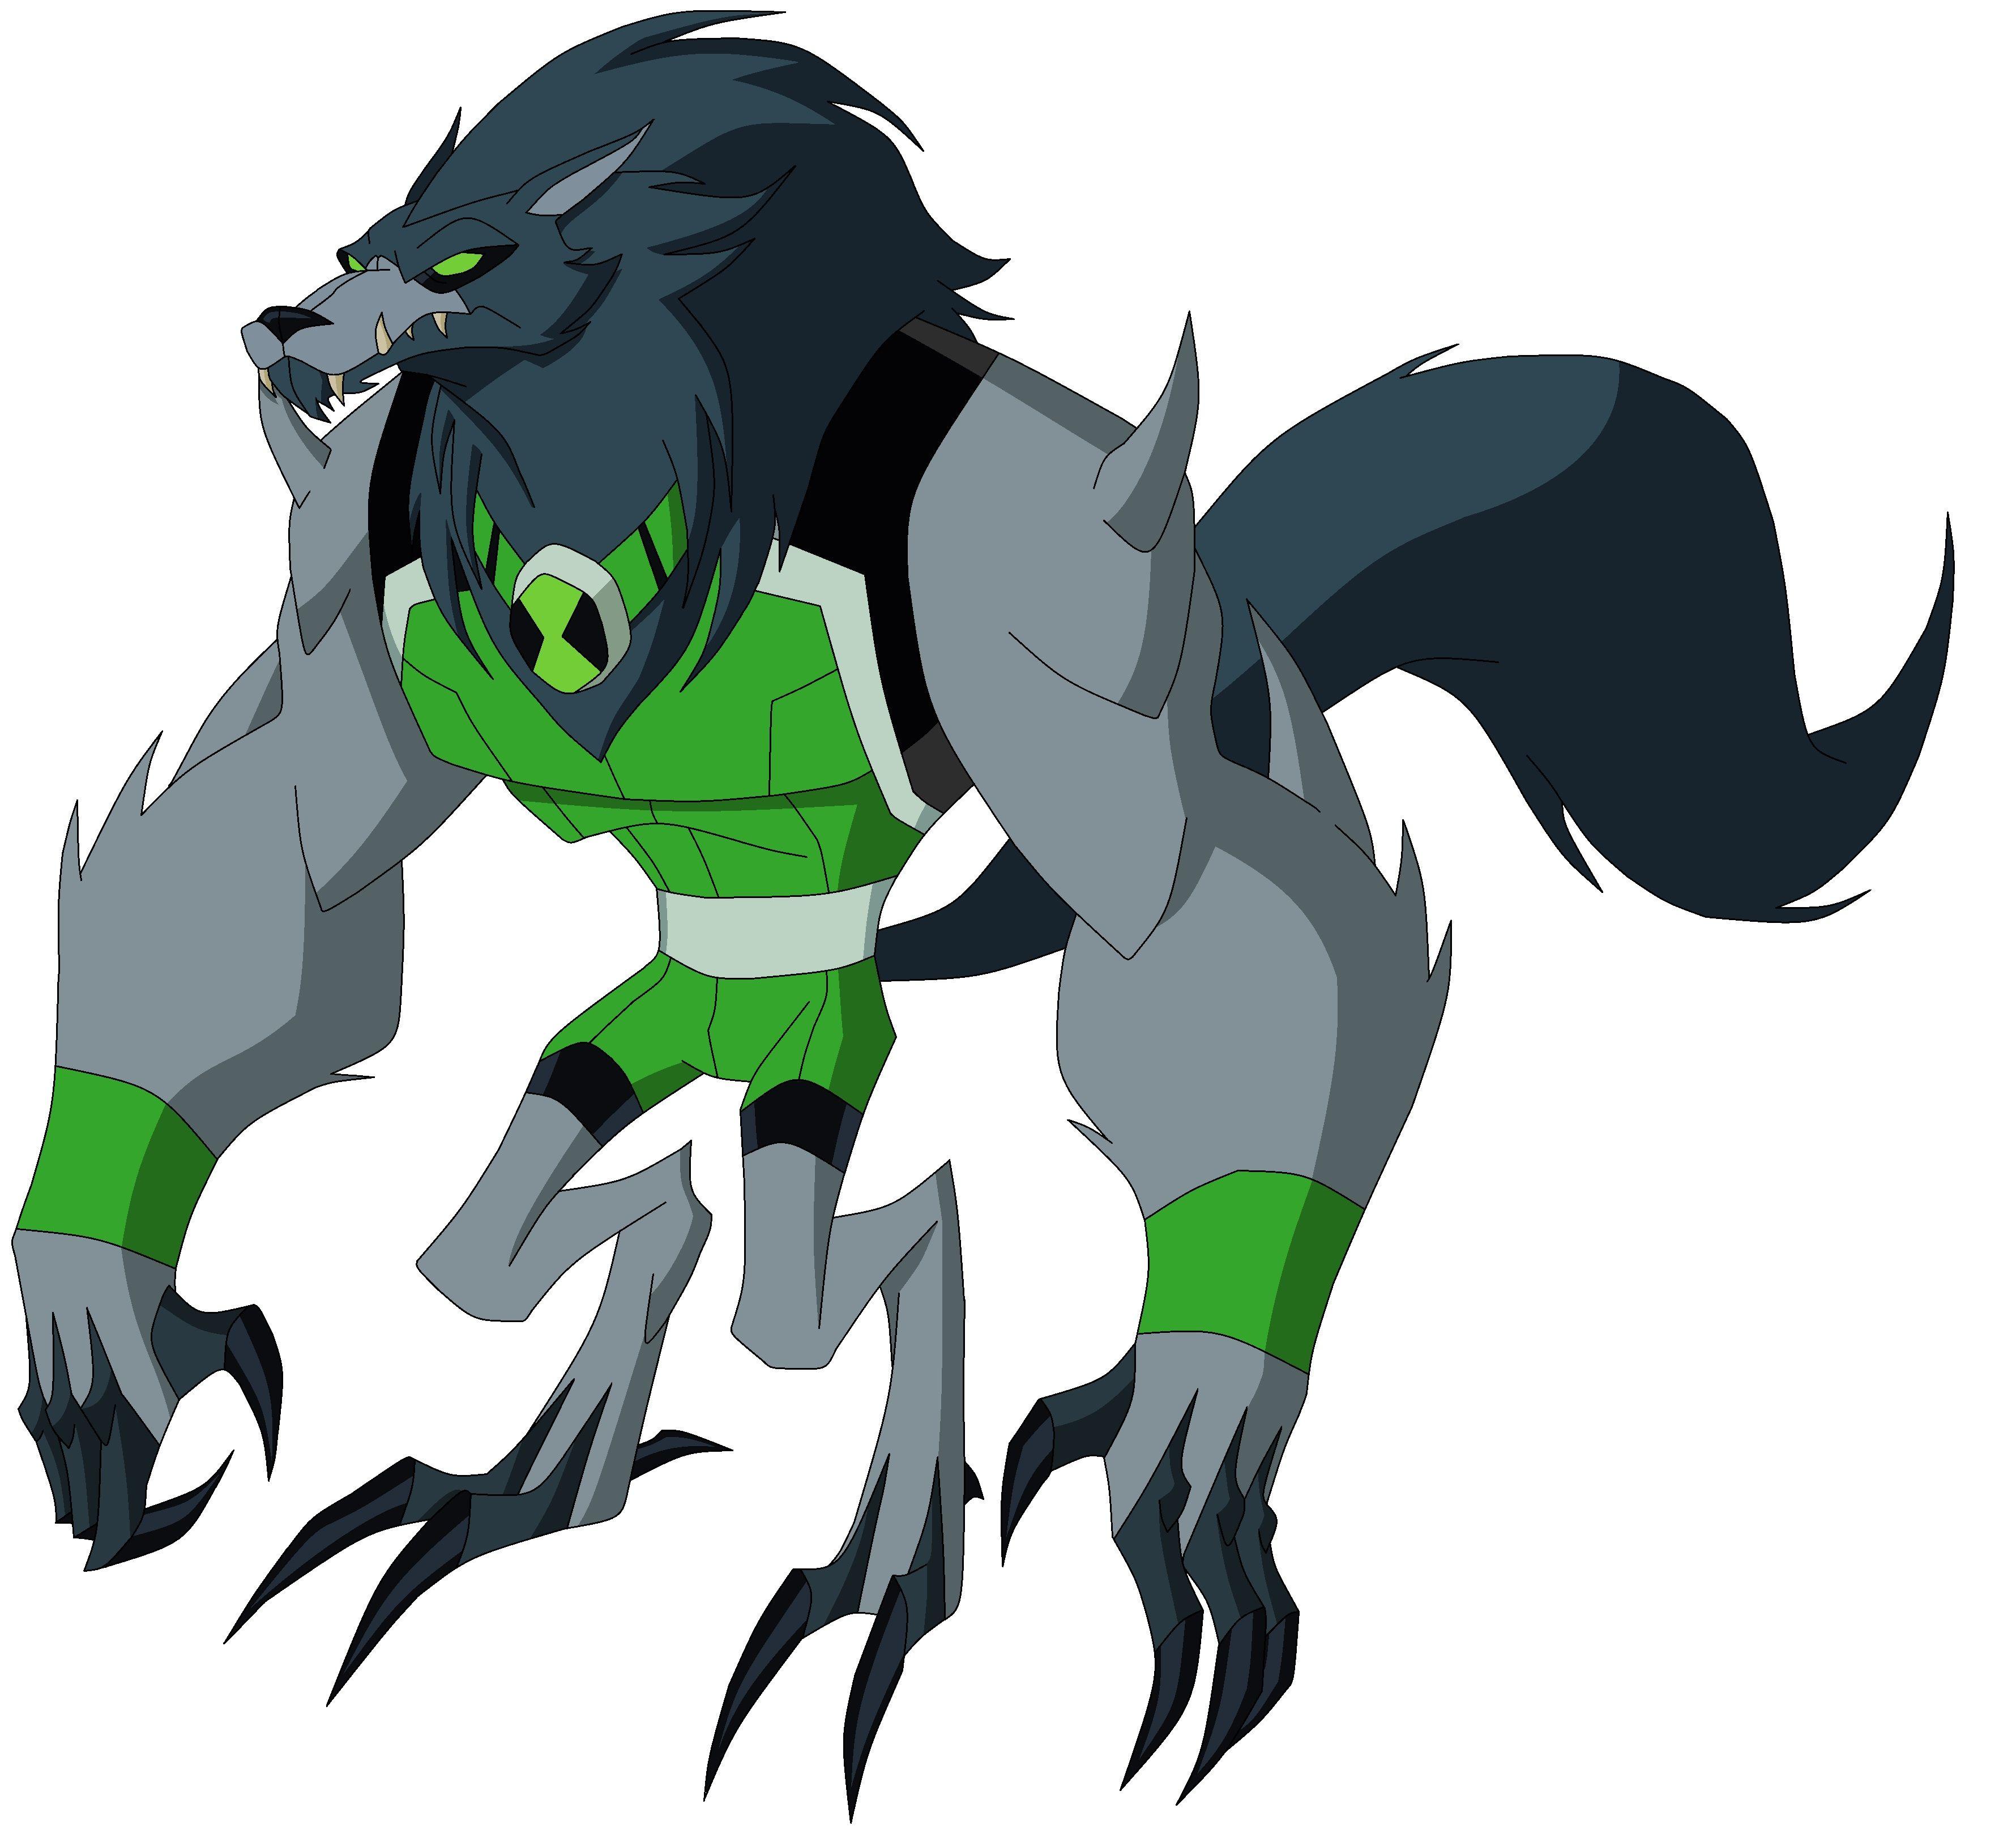 ben 10 omniverse ben wolf - Google Search | Tayshawn's Ben ...